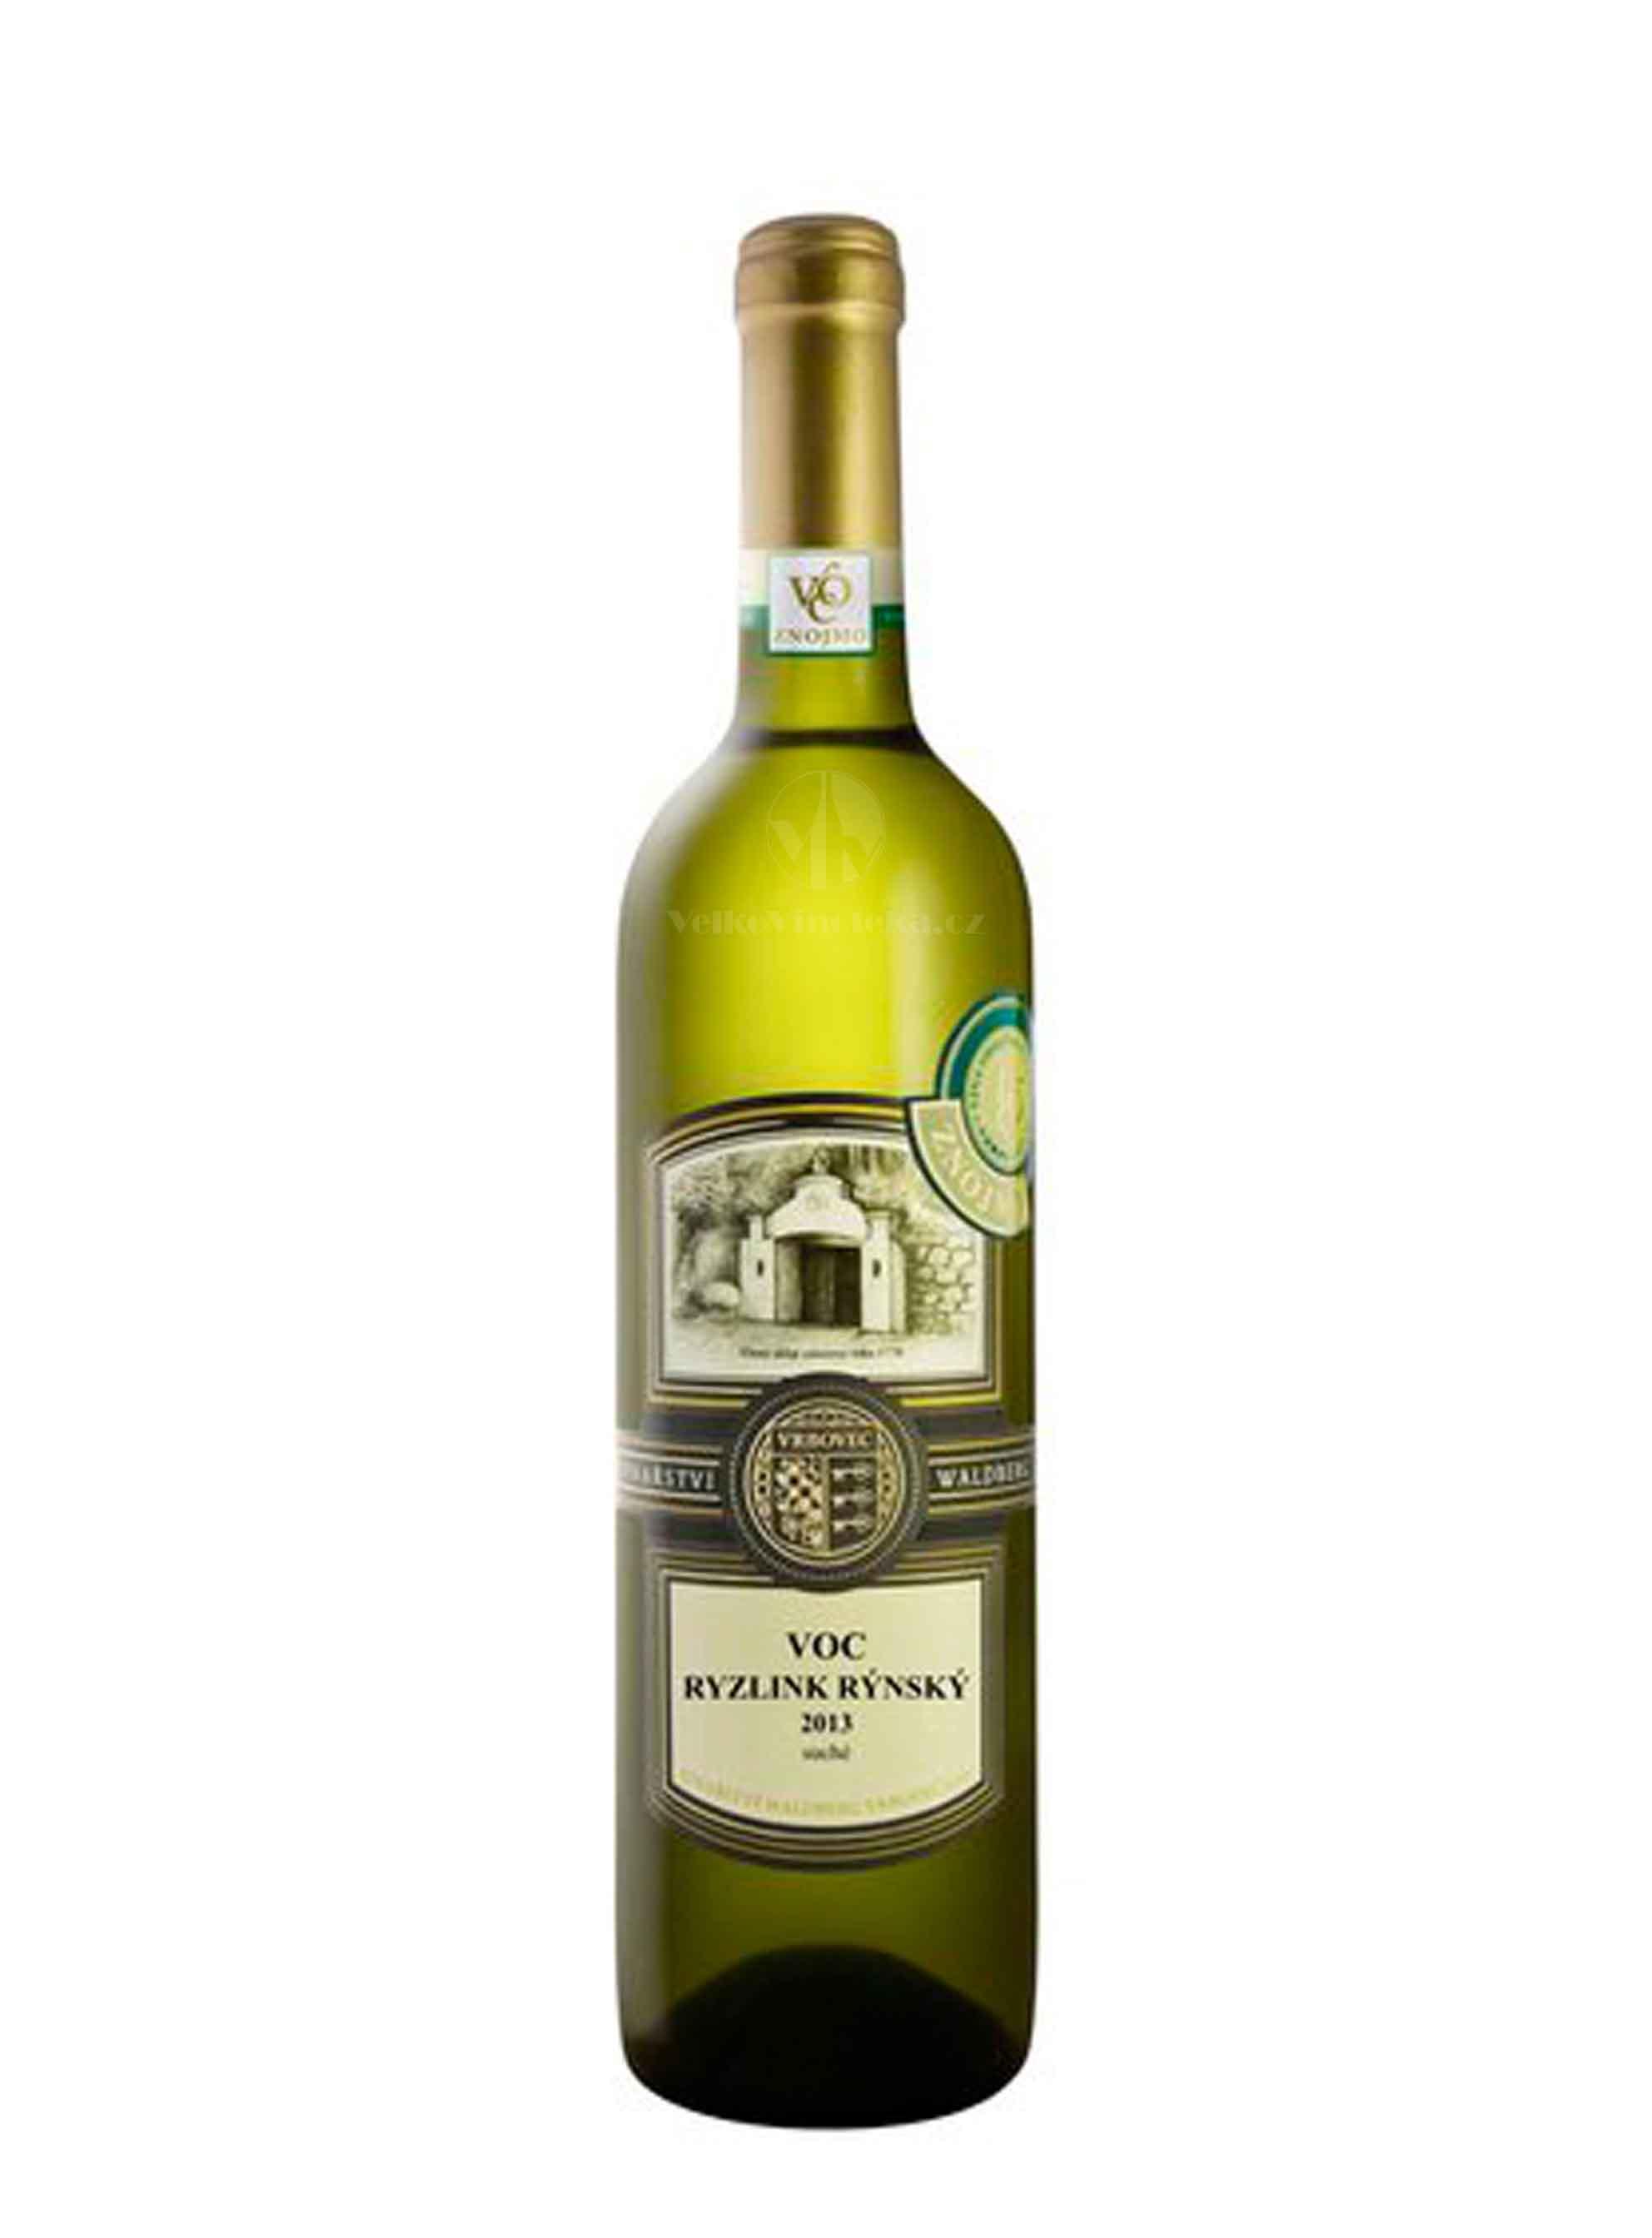 Ryzlink rýnský, Terroir, VOC, 2013, Vinařství Waldberg, 0.75 l